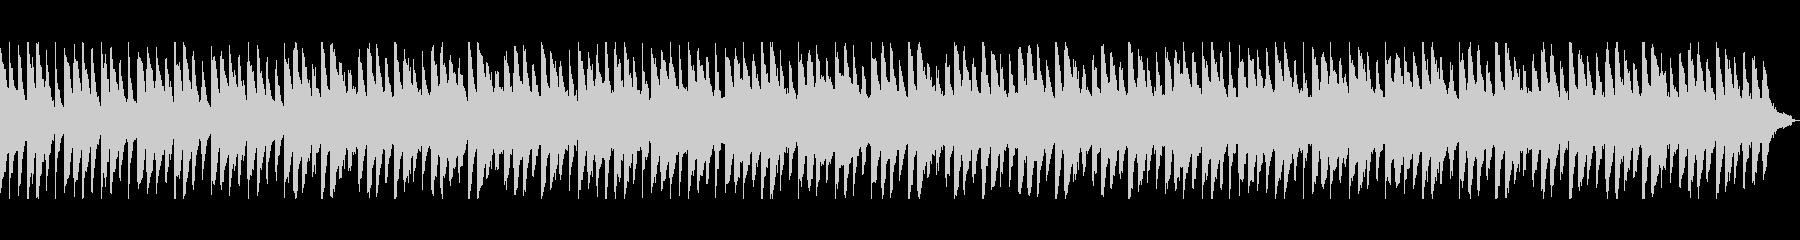 リラックス・ヒーリング ピアノの未再生の波形